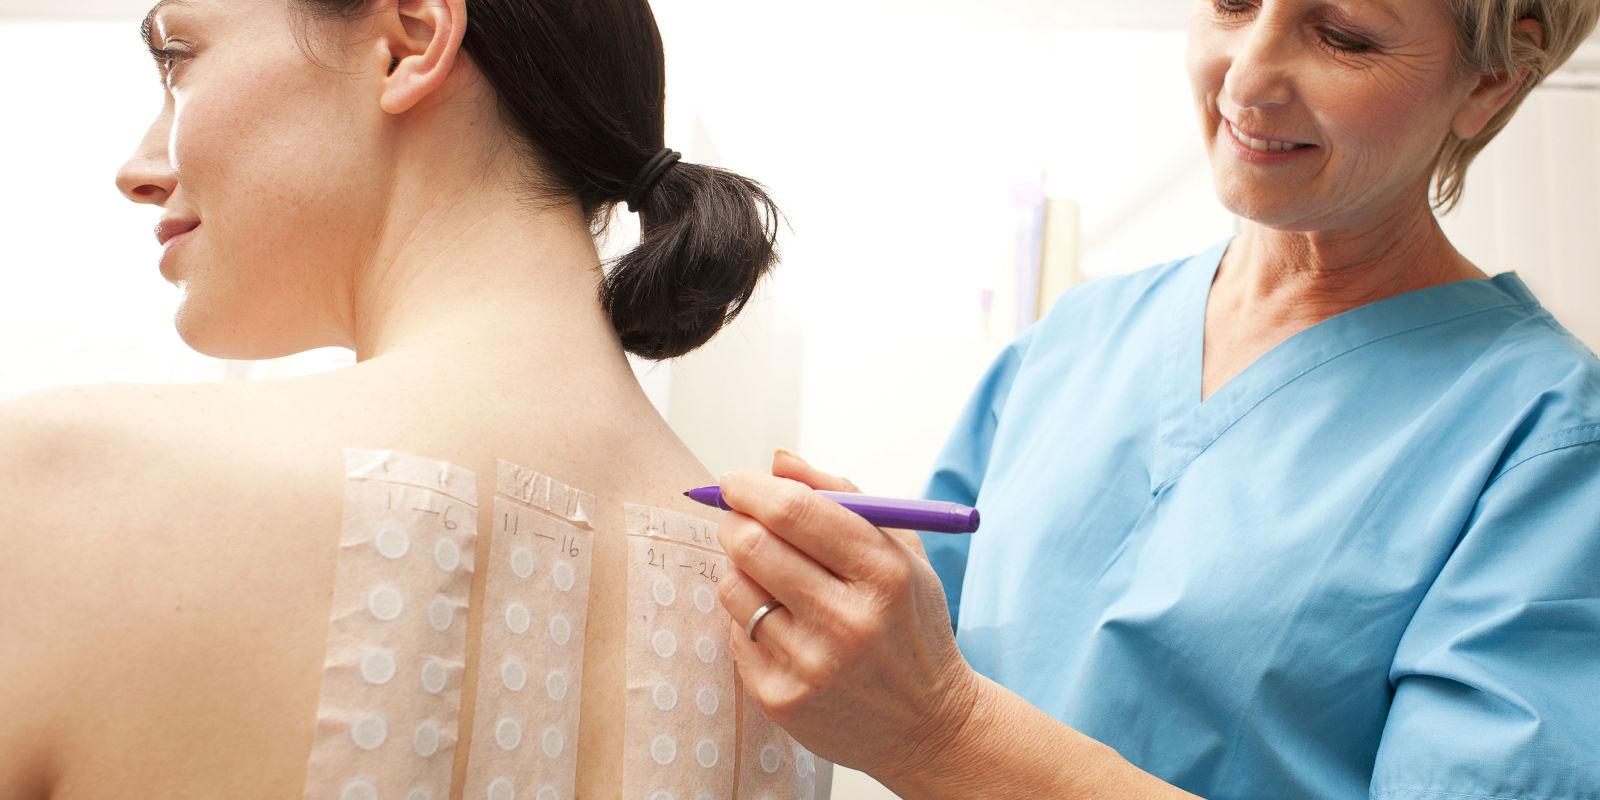 аллергия на краску татуировки лечение